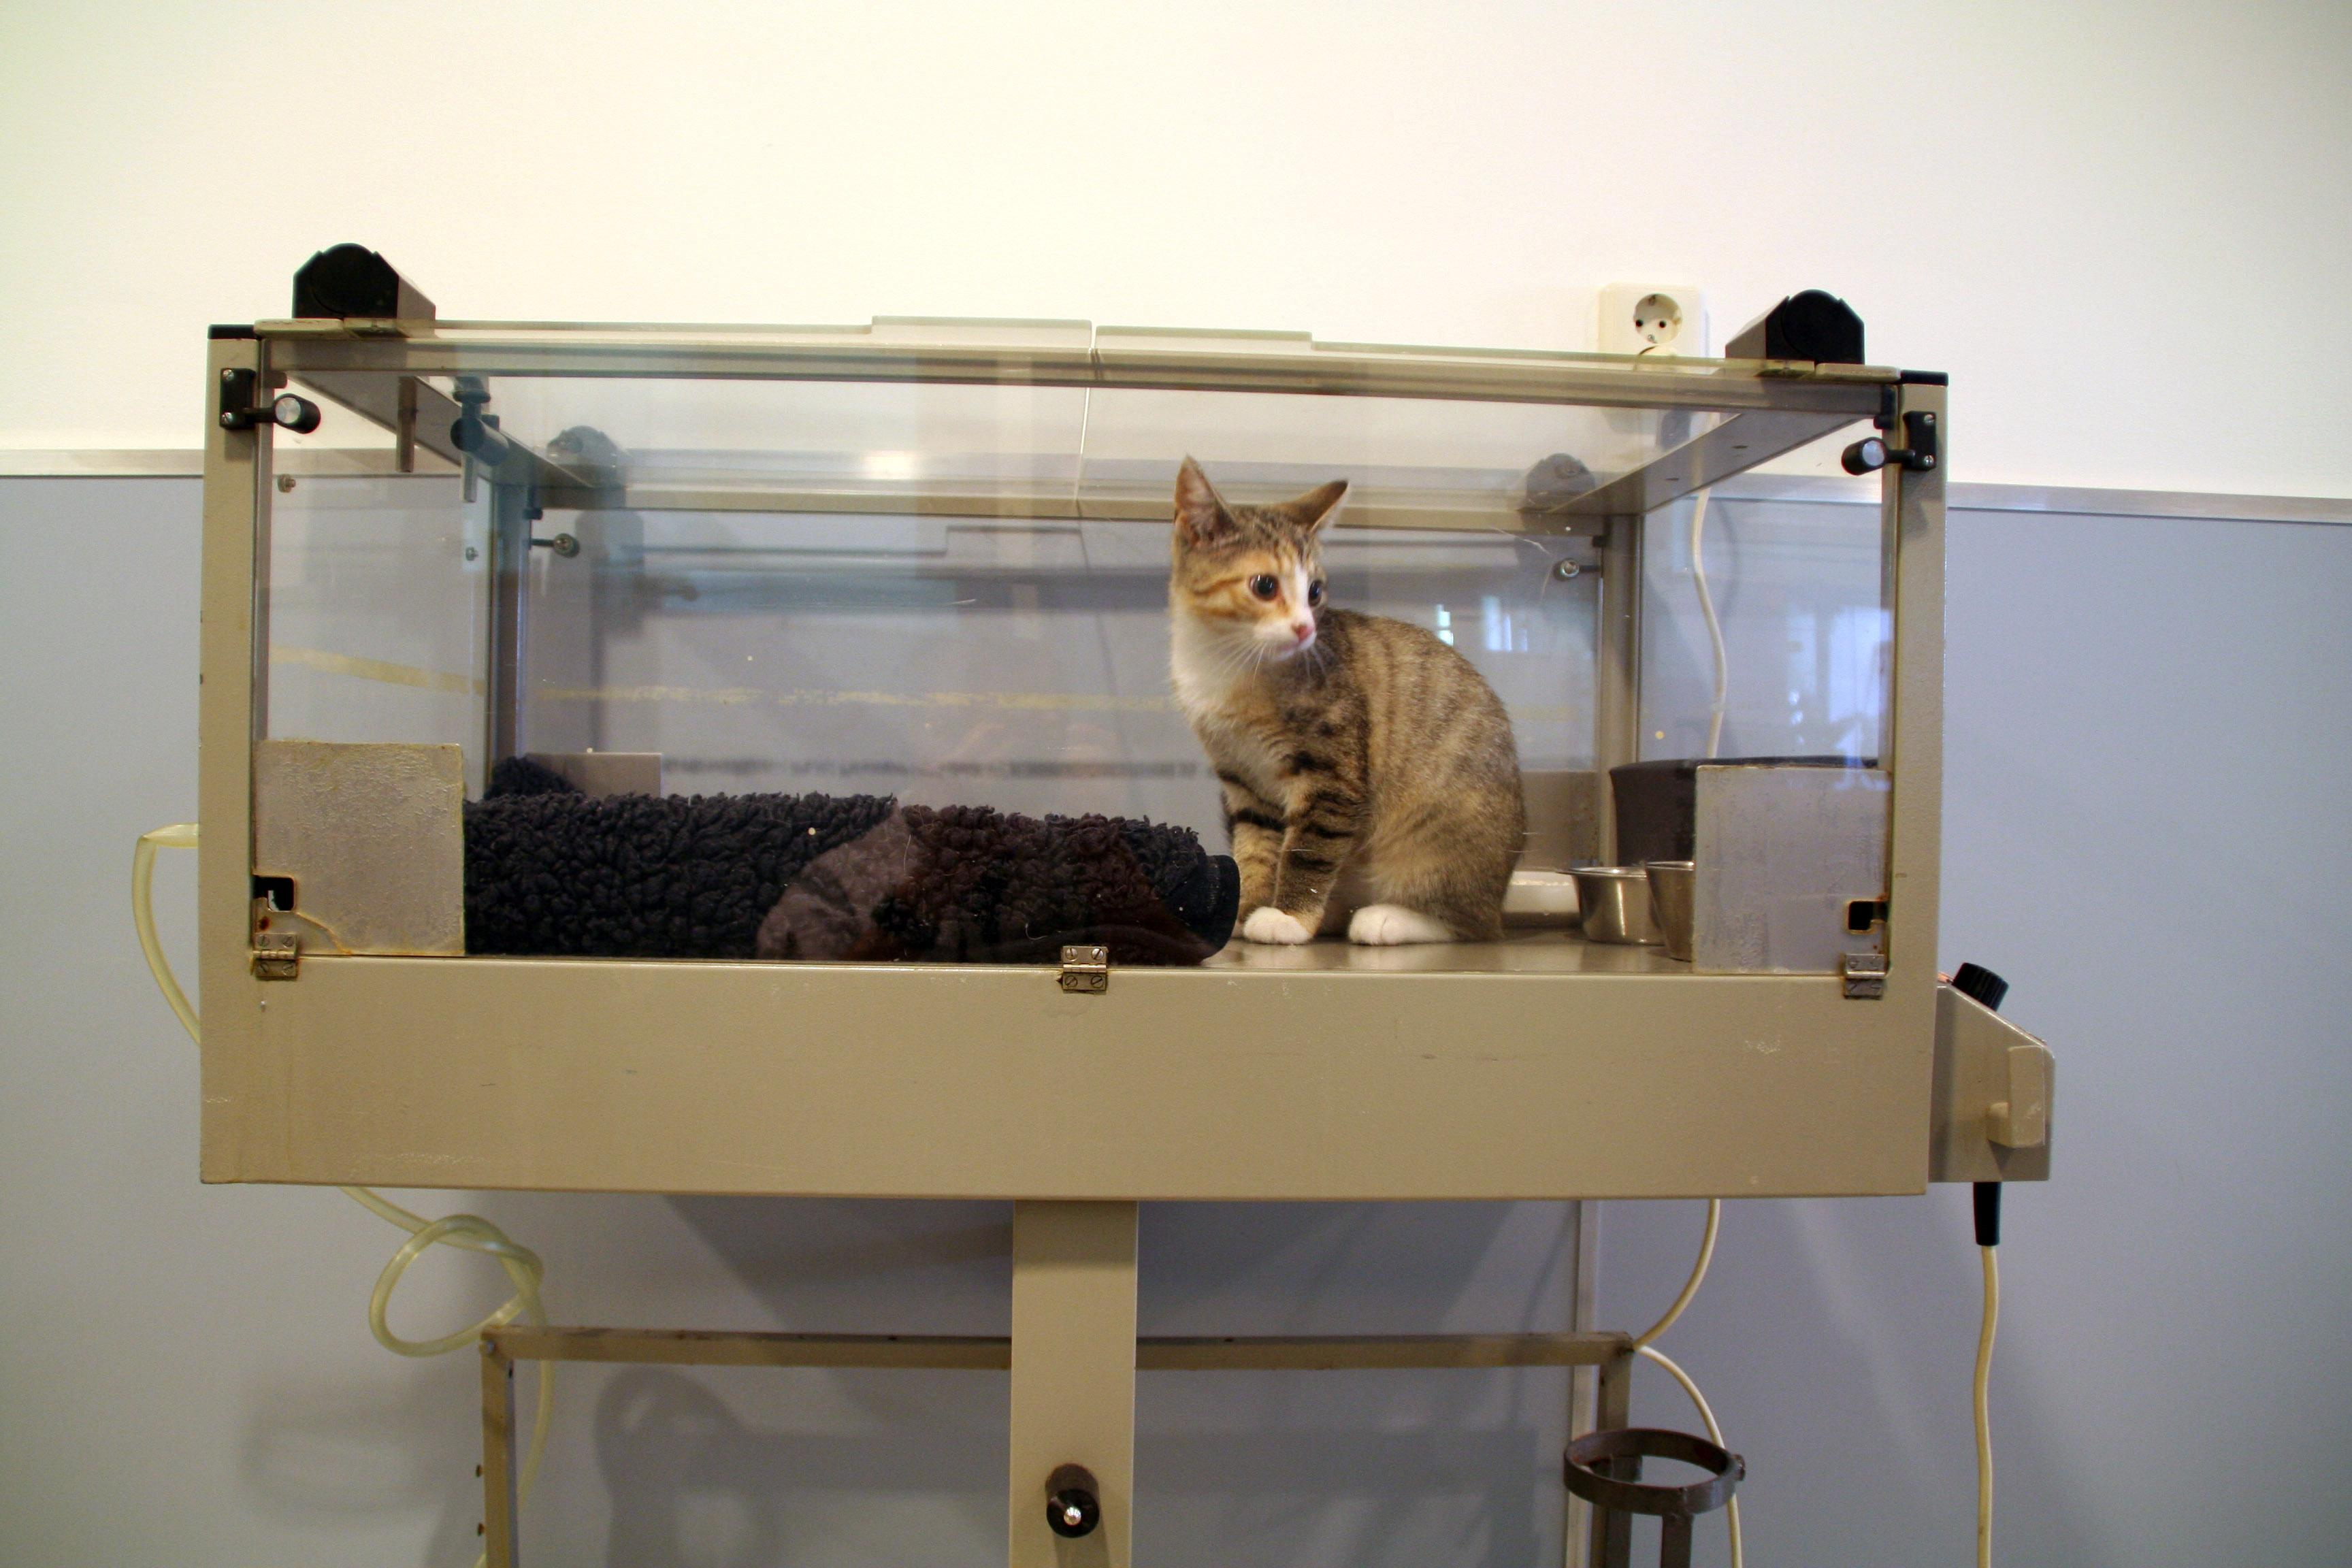 Dierenkliniek Tiel-Drumpt: De couveuse kan gebruikt worden voor pasgeboren pups en kittens. Hij wordt echter ook gebruikt voor zwakke of onderkoelde dieren.